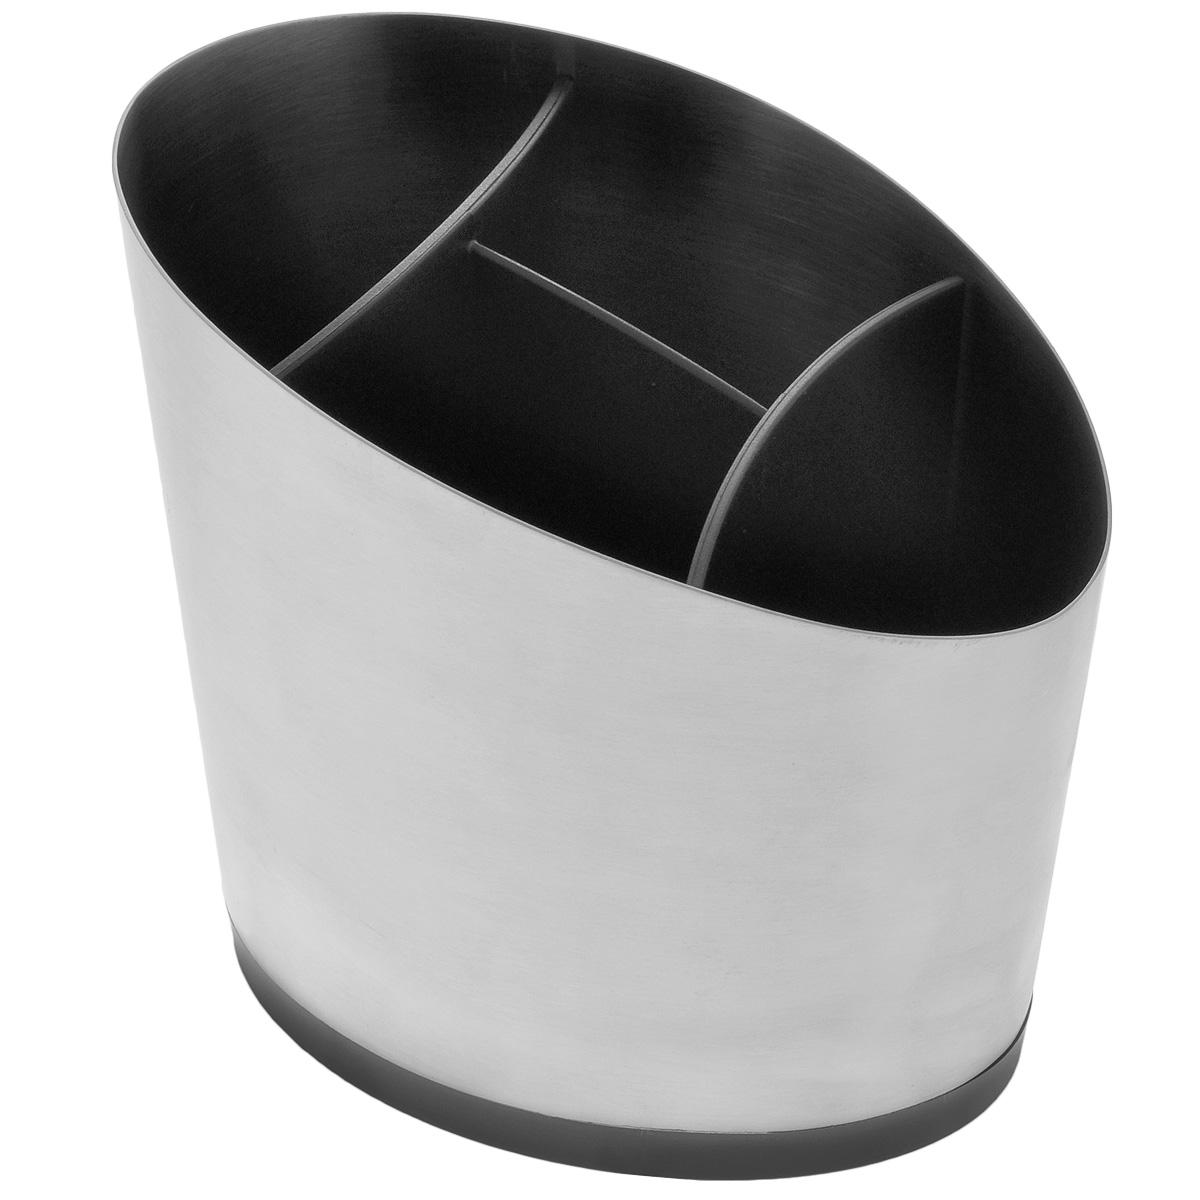 """Роскошная сушилка для кухонной утвари Tescoma """"President"""" подходит для сушки и хранения кухонной утвари, столовых приборов и т.д. Изготовлена из высококачественной нержавеющей стали с матовой полировкой и прочной пластмассы. Пластиковый вкладыш содержит 4 секции для удобного раздельного хранения, дно оснащено специальными отверстиями, через которые вода стекает вниз. Разборная конструкция для легкой очистки.  Можно мыть в посудомоечной машине."""